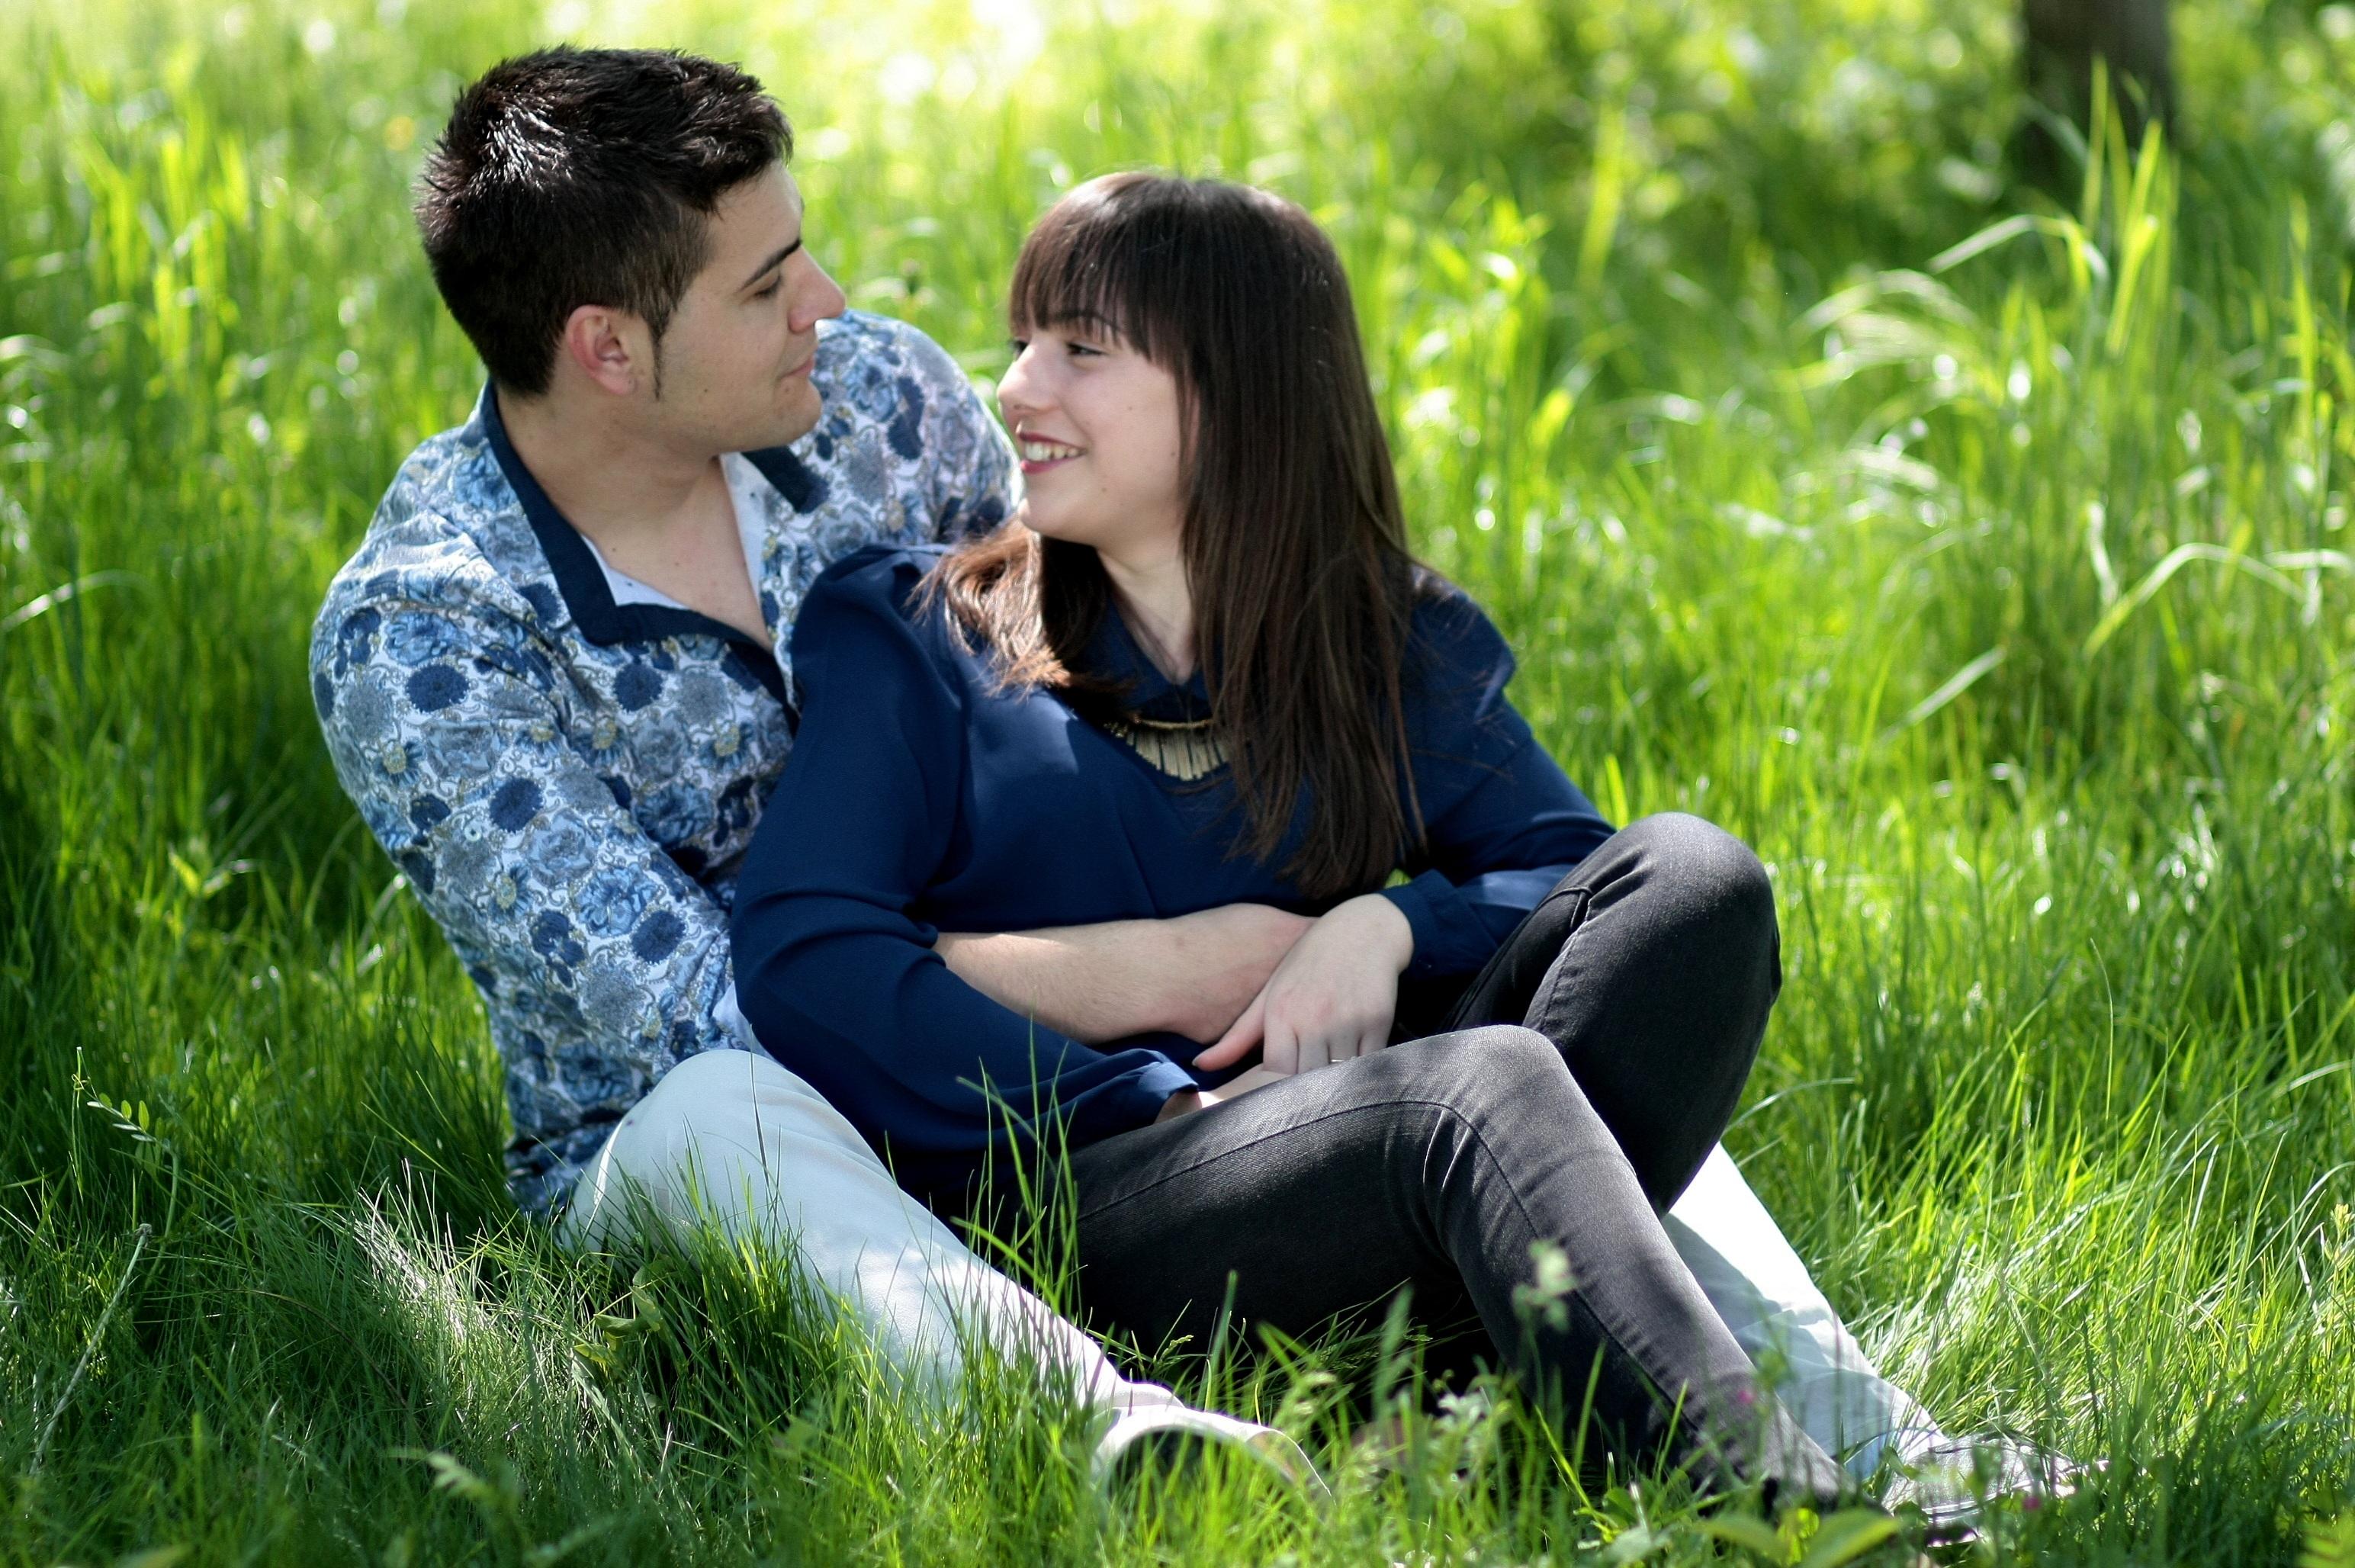 Картинки пара влюбленных сидит